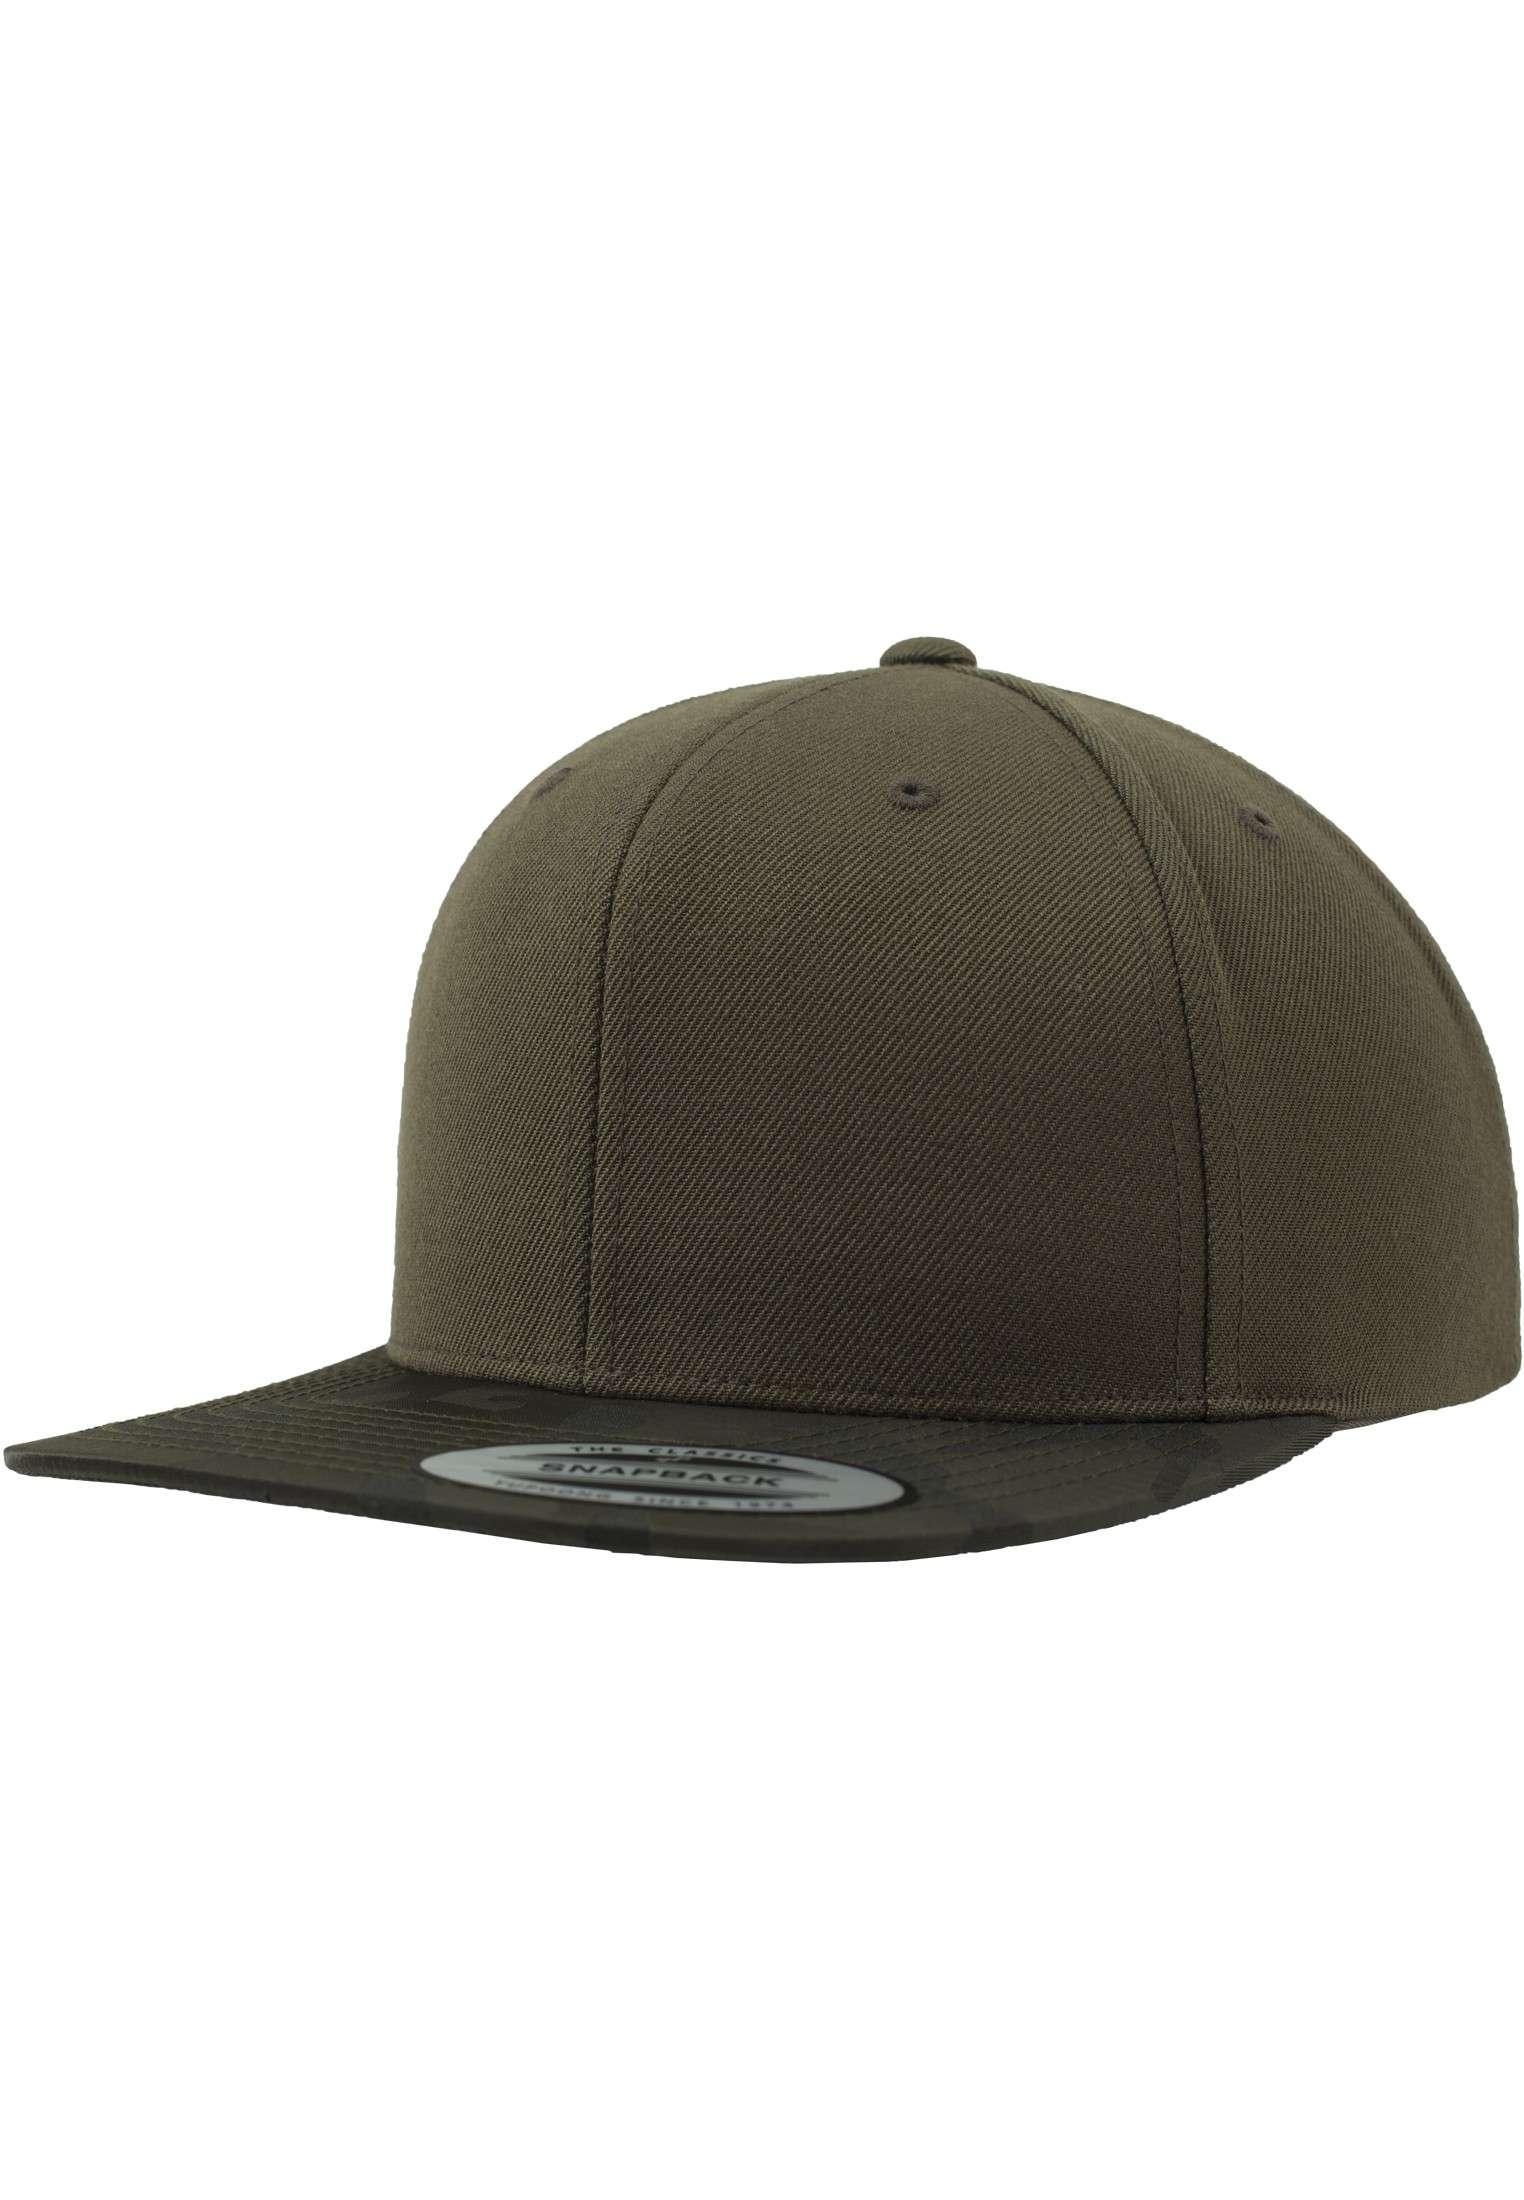 Snapback Cap Camo Olive 6 panneaux, ajustable